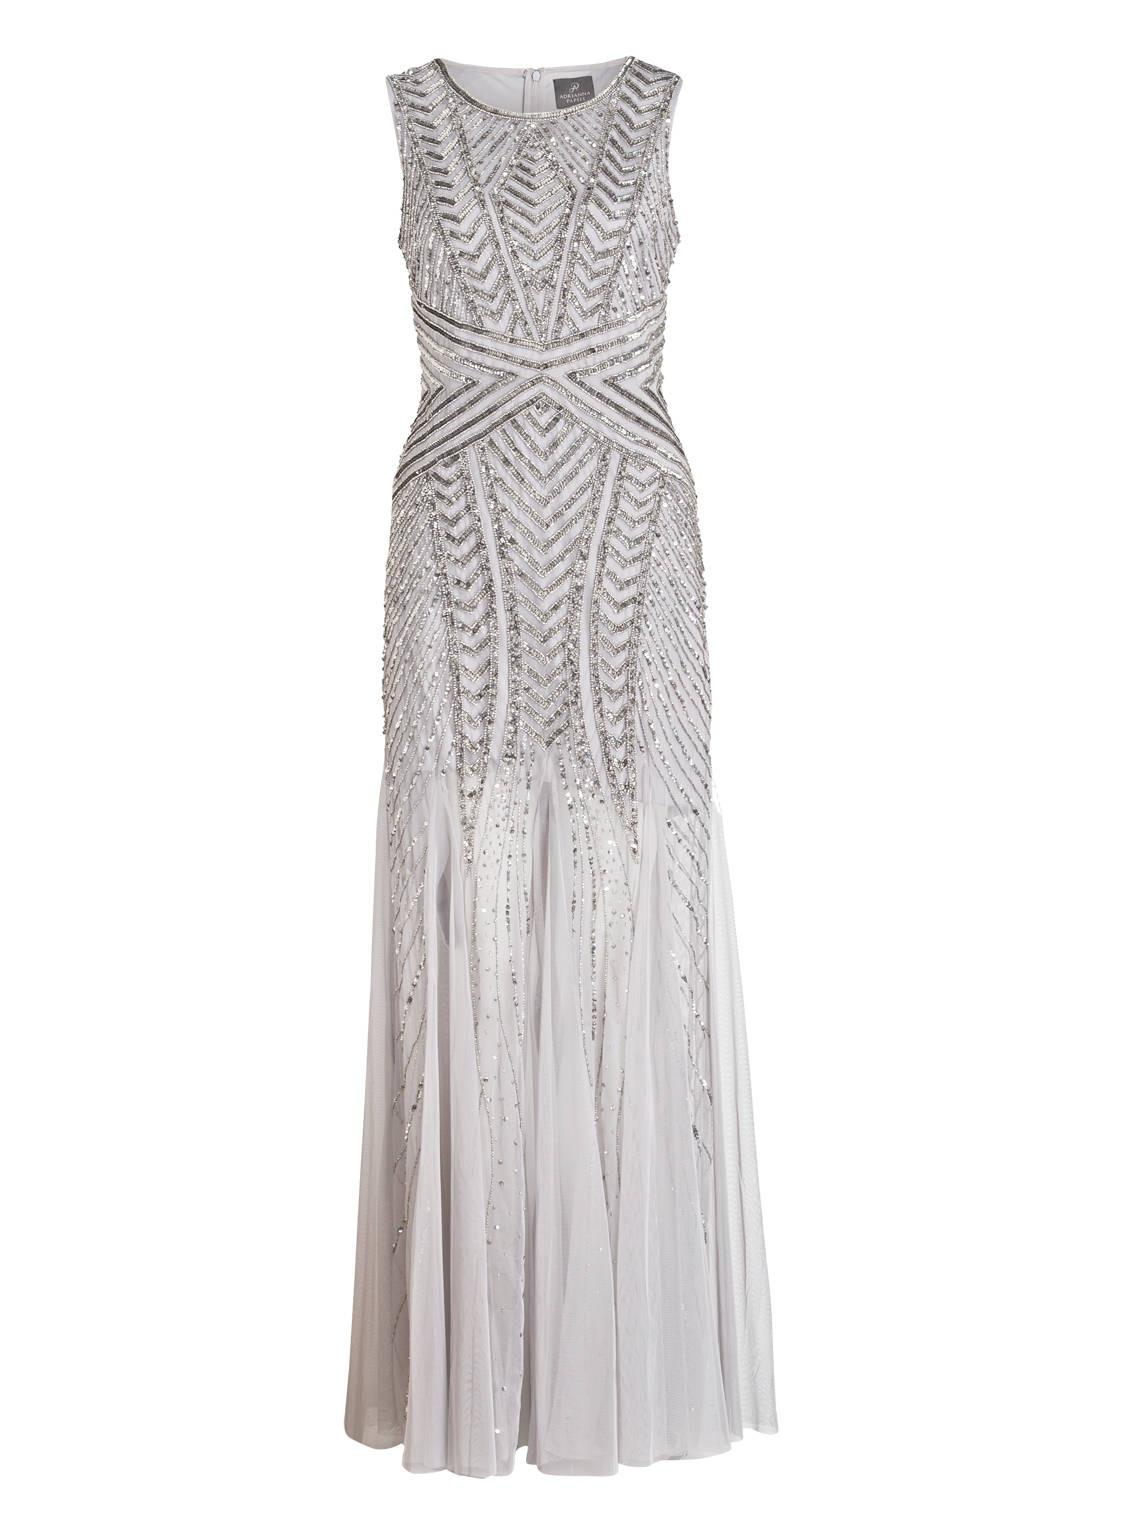 10 Genial Silber Abend Kleid Design Leicht Silber Abend Kleid Vertrieb